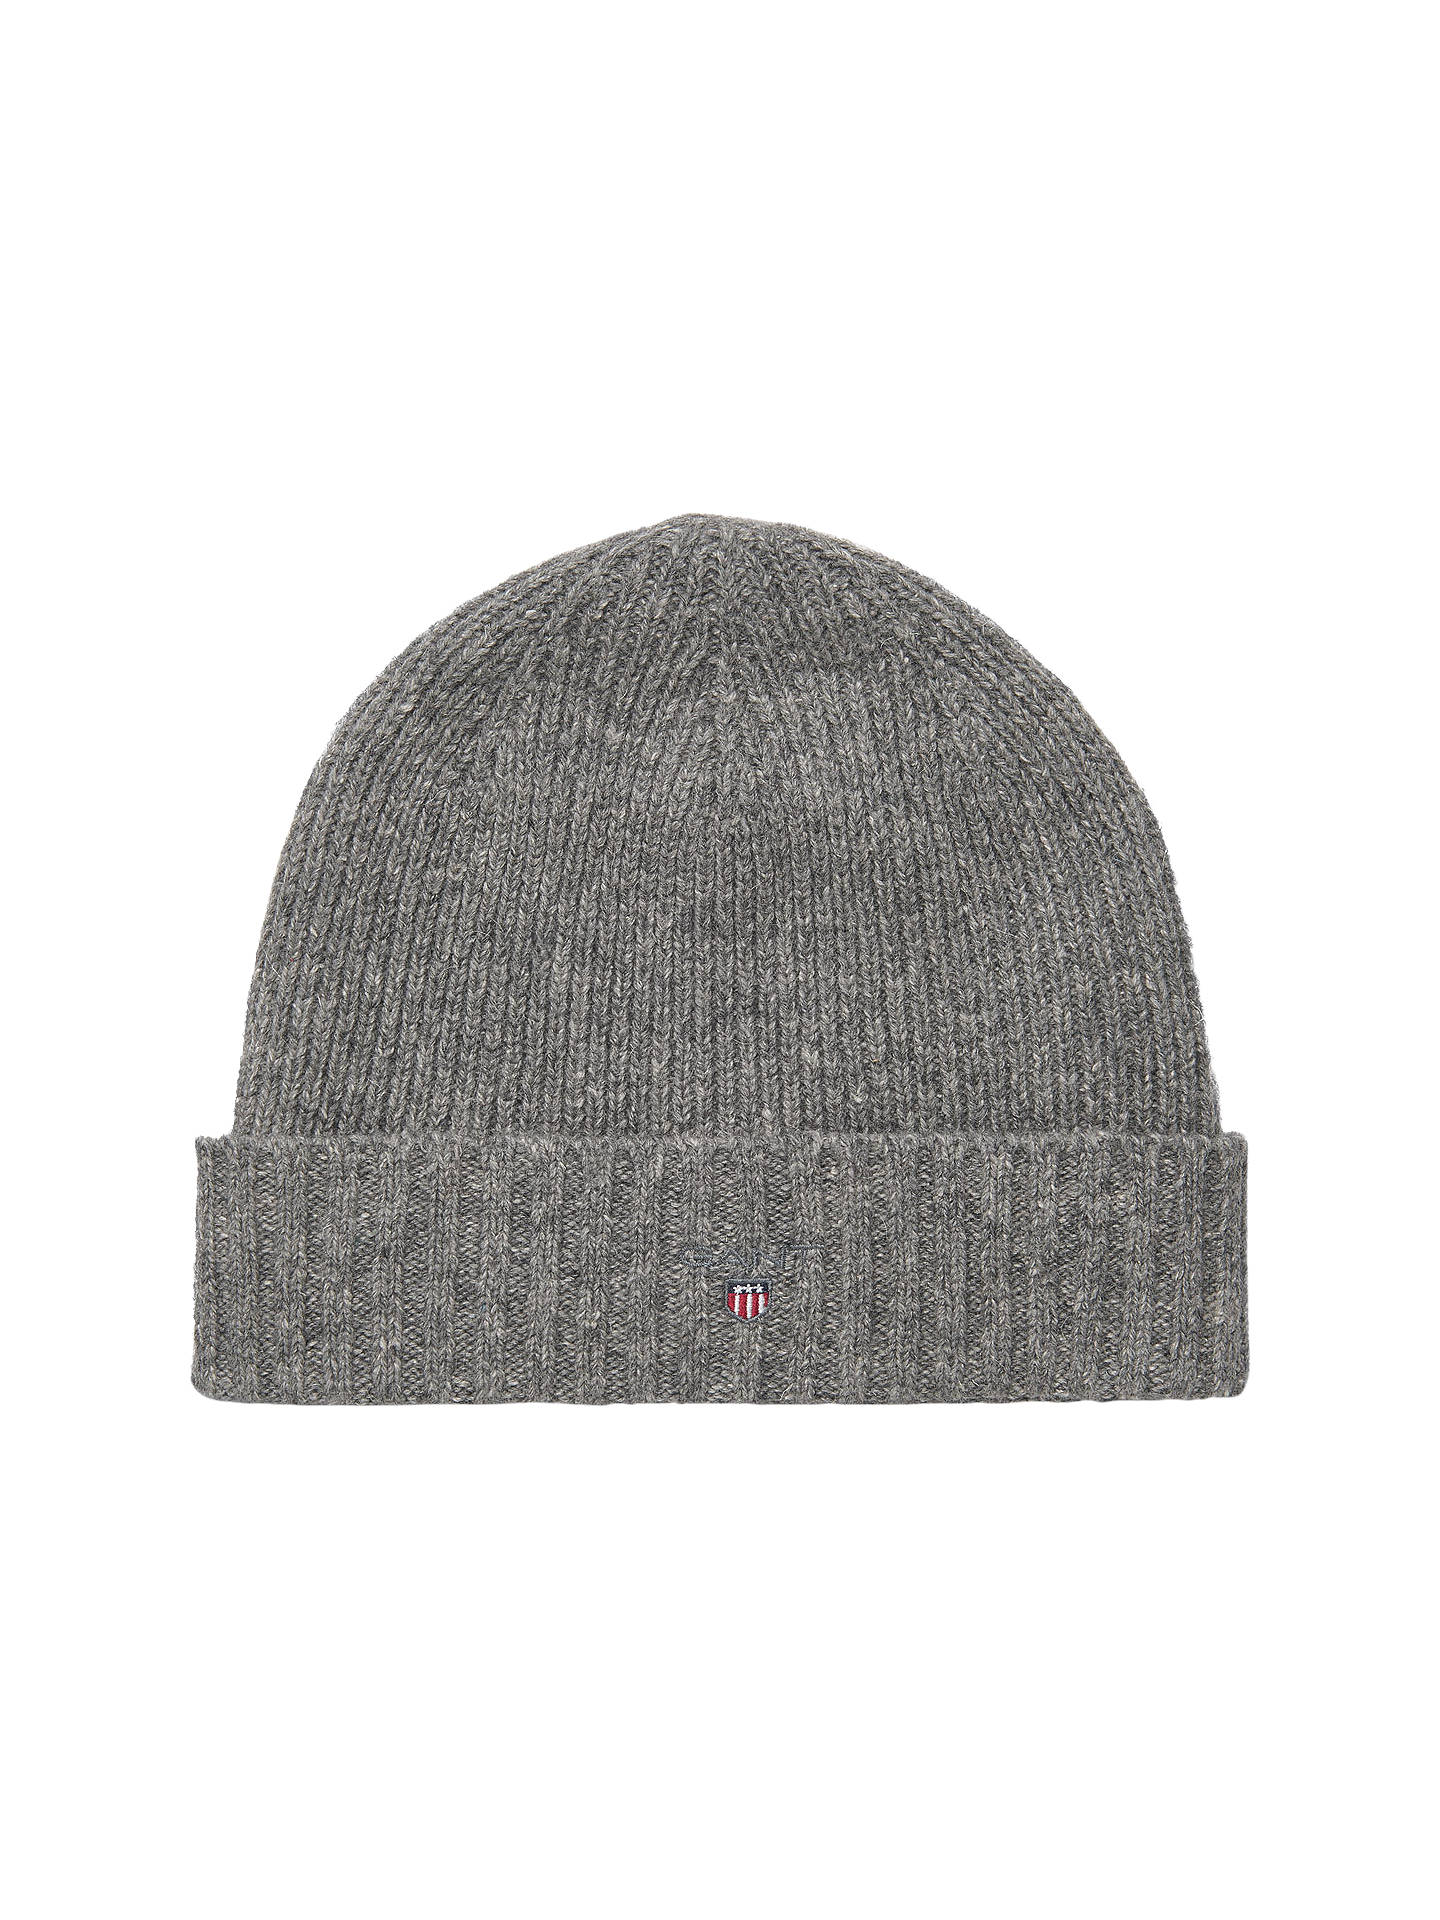 282721c48bb Buy GANT Wool Cotton Beanie Hat